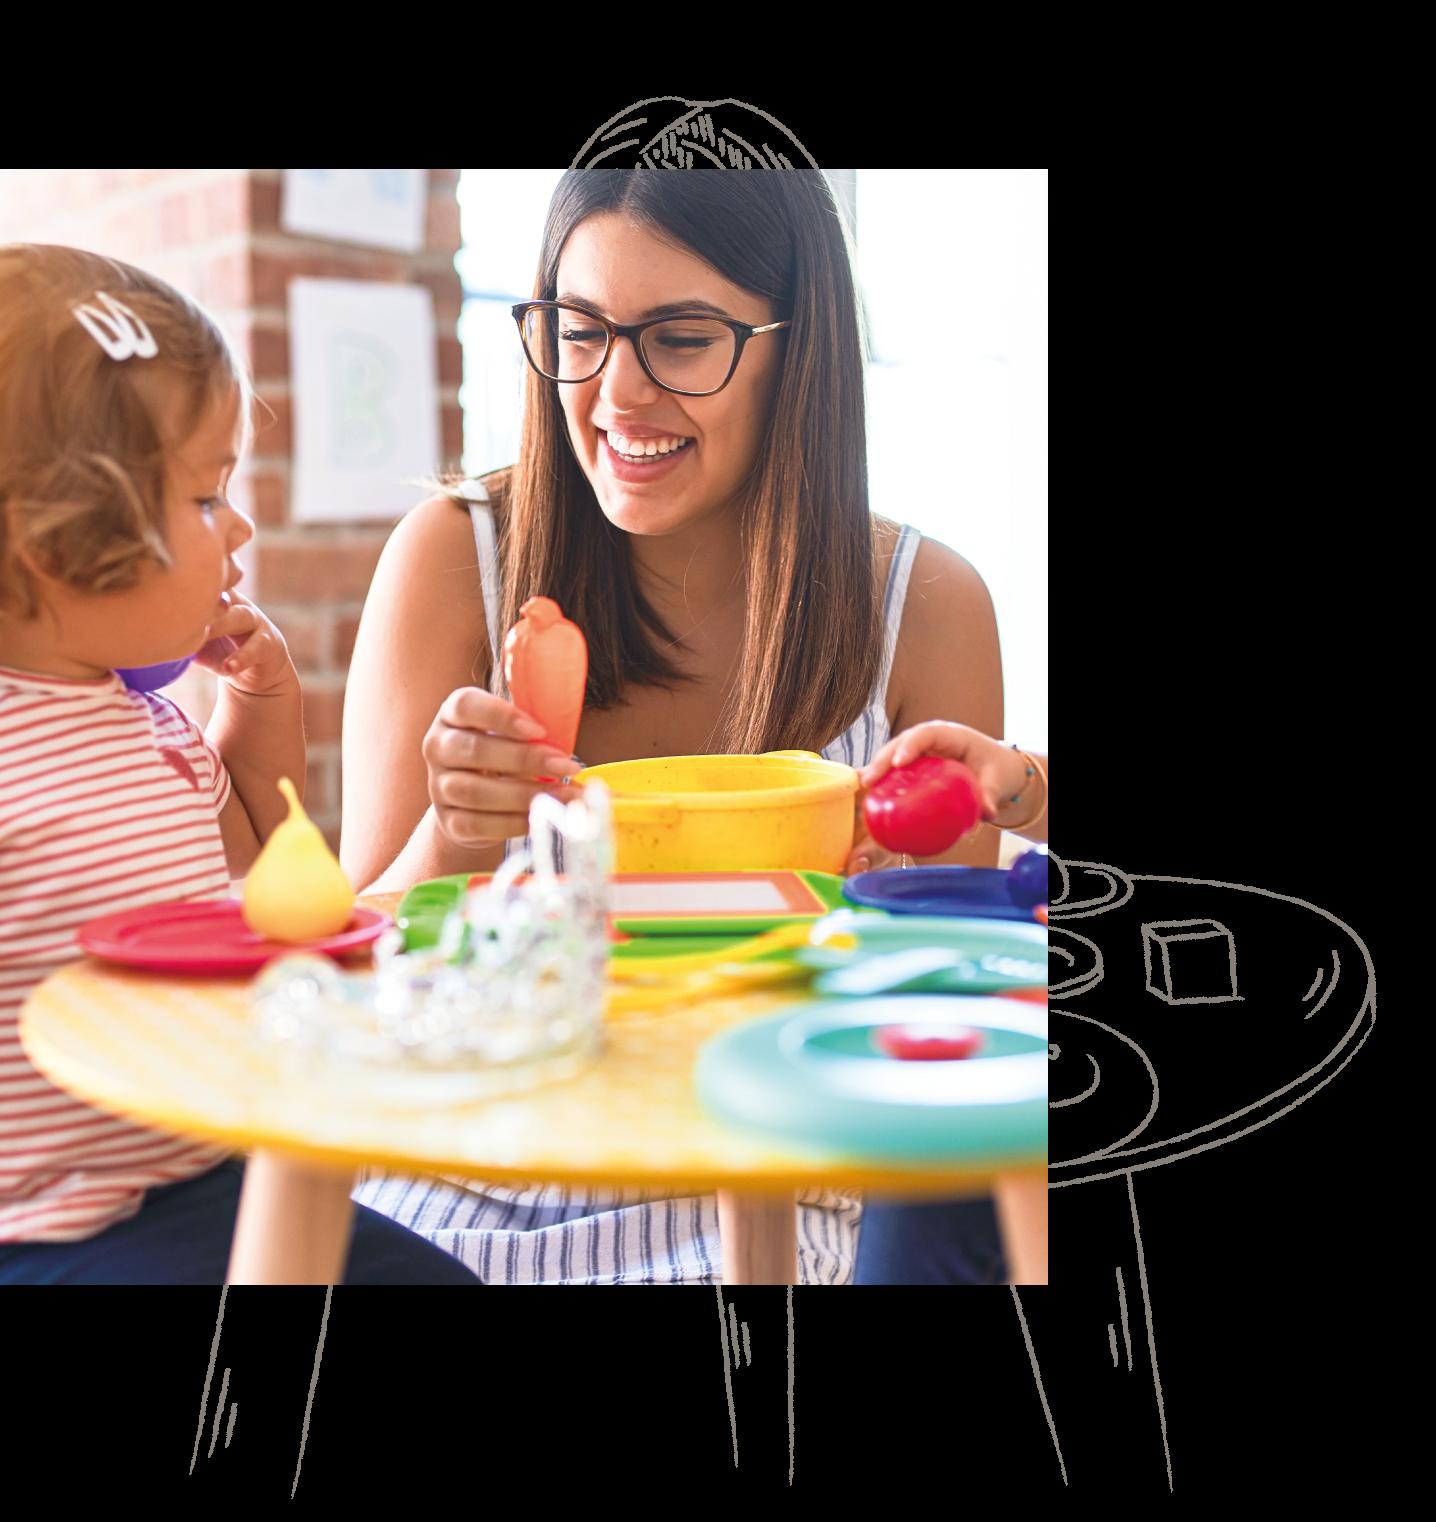 Eine bilinguale Near Native Speakerin beim spielerischen Lernen mit einem Kind in einer educcare Kindertagesstätte